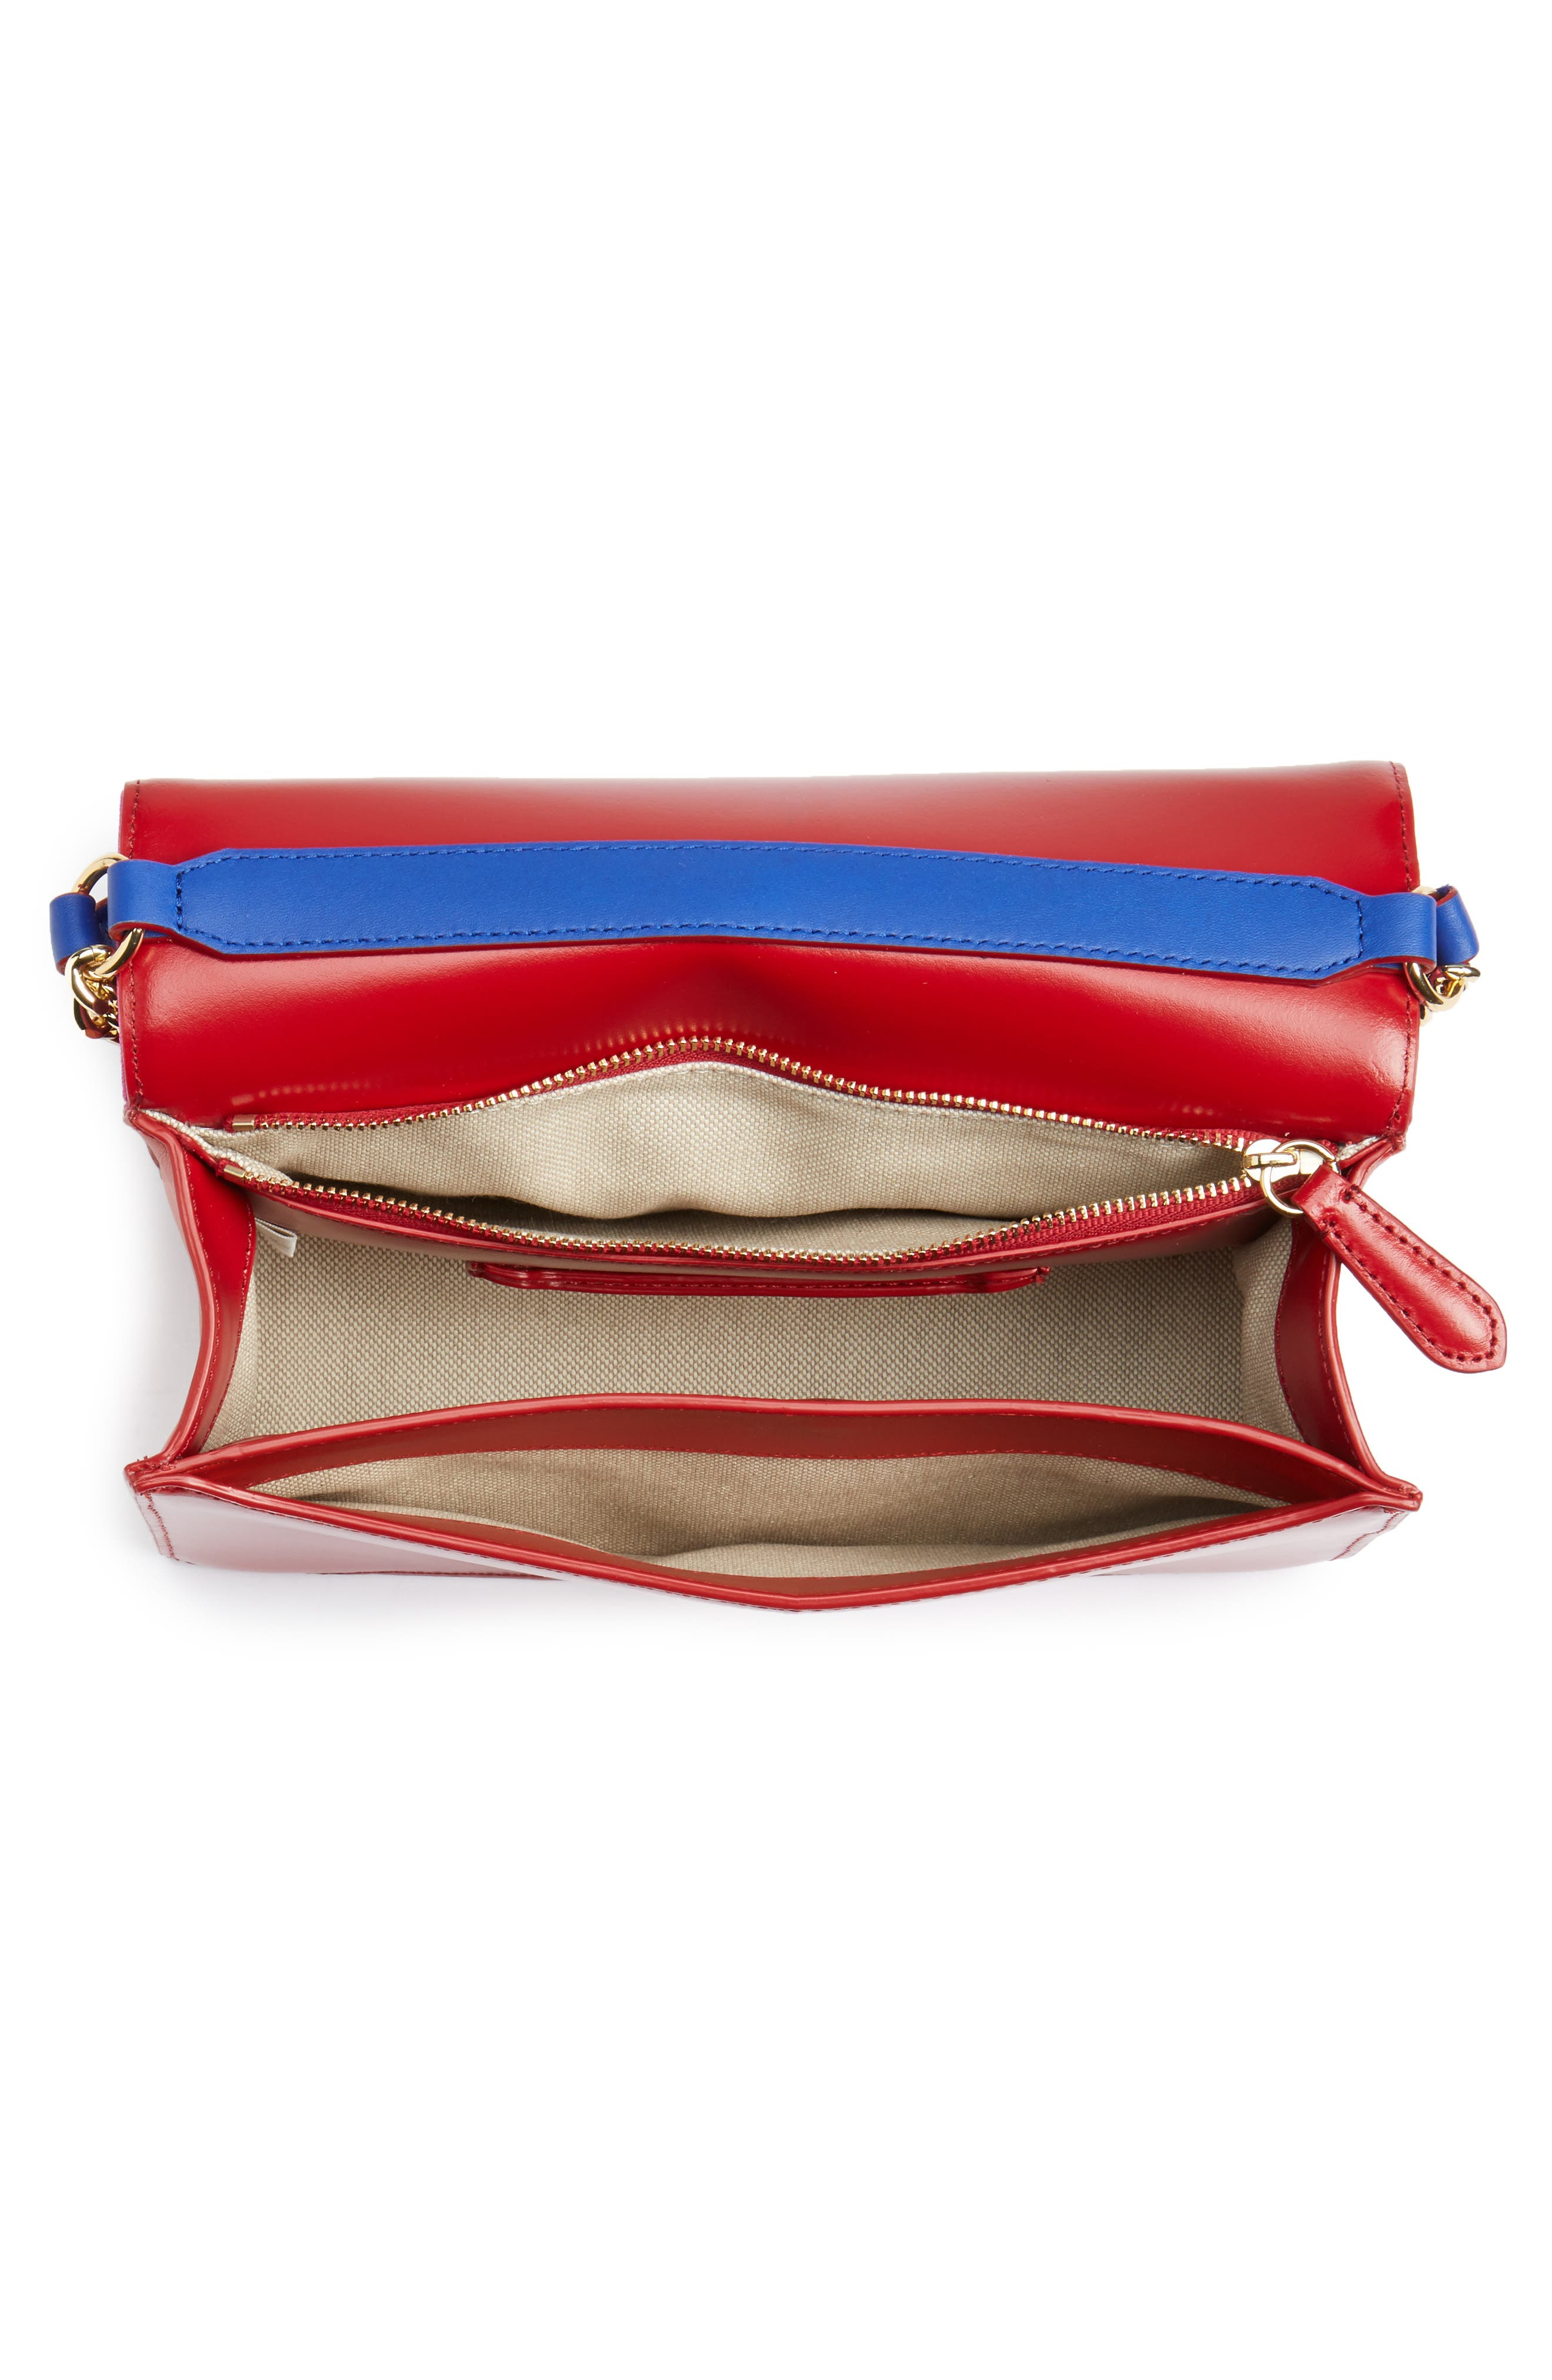 Soirée Satin & Leather Top Handle Bag,                             Alternate thumbnail 4, color,                             673